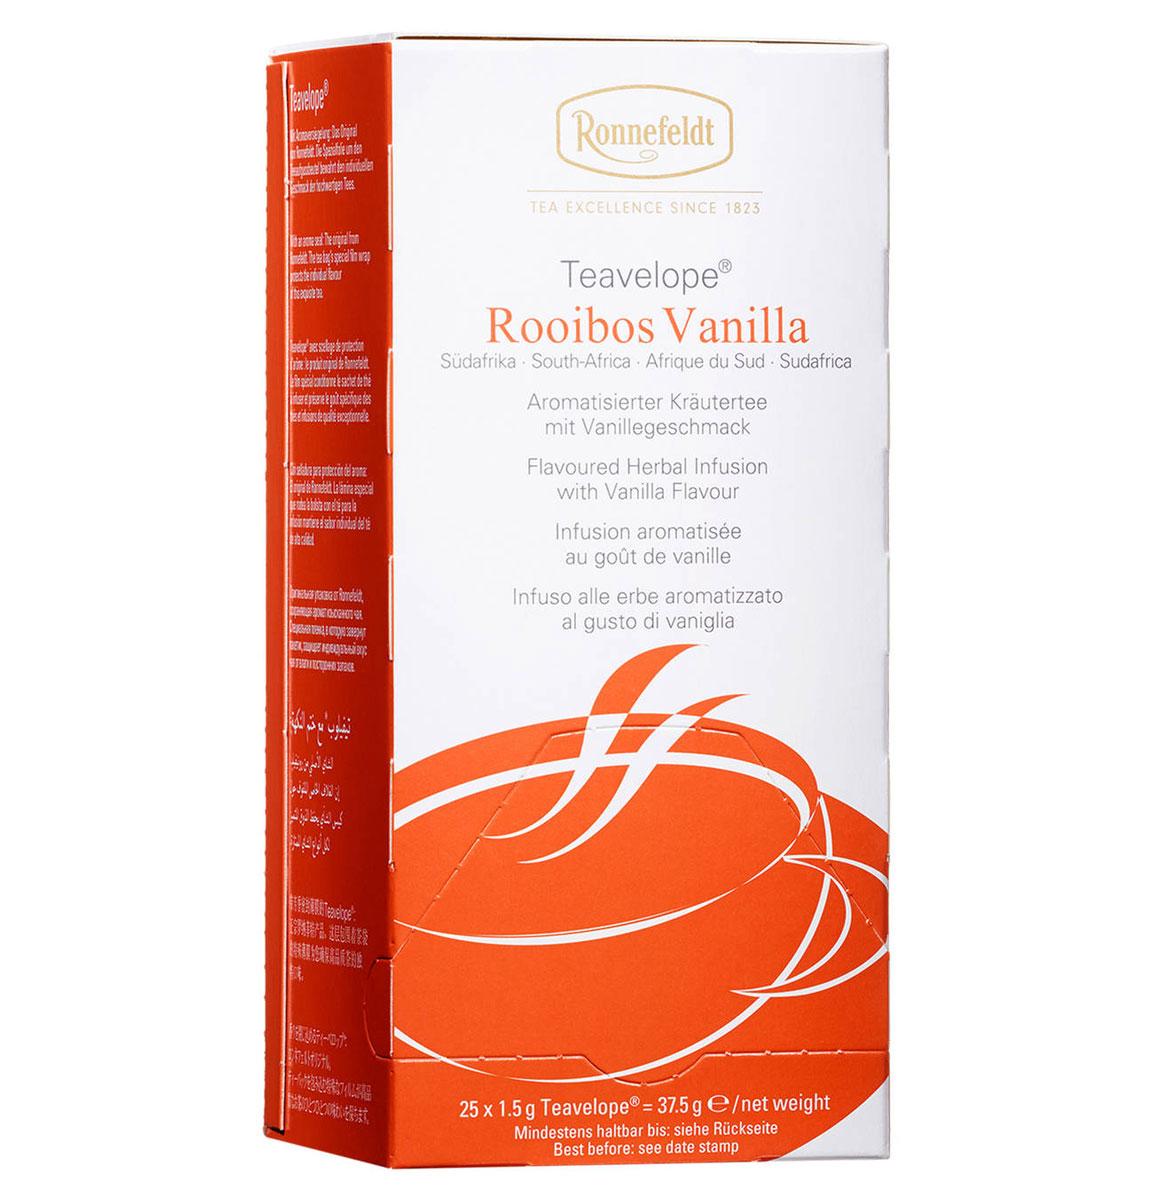 Ronnefeldt Ройбош ваниль травяной чай в пакетиках, 25 шт15080Сладкий, сливочный вкус ванили наилучшим образом подчеркивает насыщенность южноафриканского травяного чая Ronnefeldt. Специальная пленка, в которую завернут пакетик, защищает индивидуальный вкус чая от влаги и посторонних запахов.Уважаемые клиенты! Обращаем ваше внимание на то, что упаковка может иметь несколько видов дизайна. Поставка осуществляется в зависимости от наличия на складе.